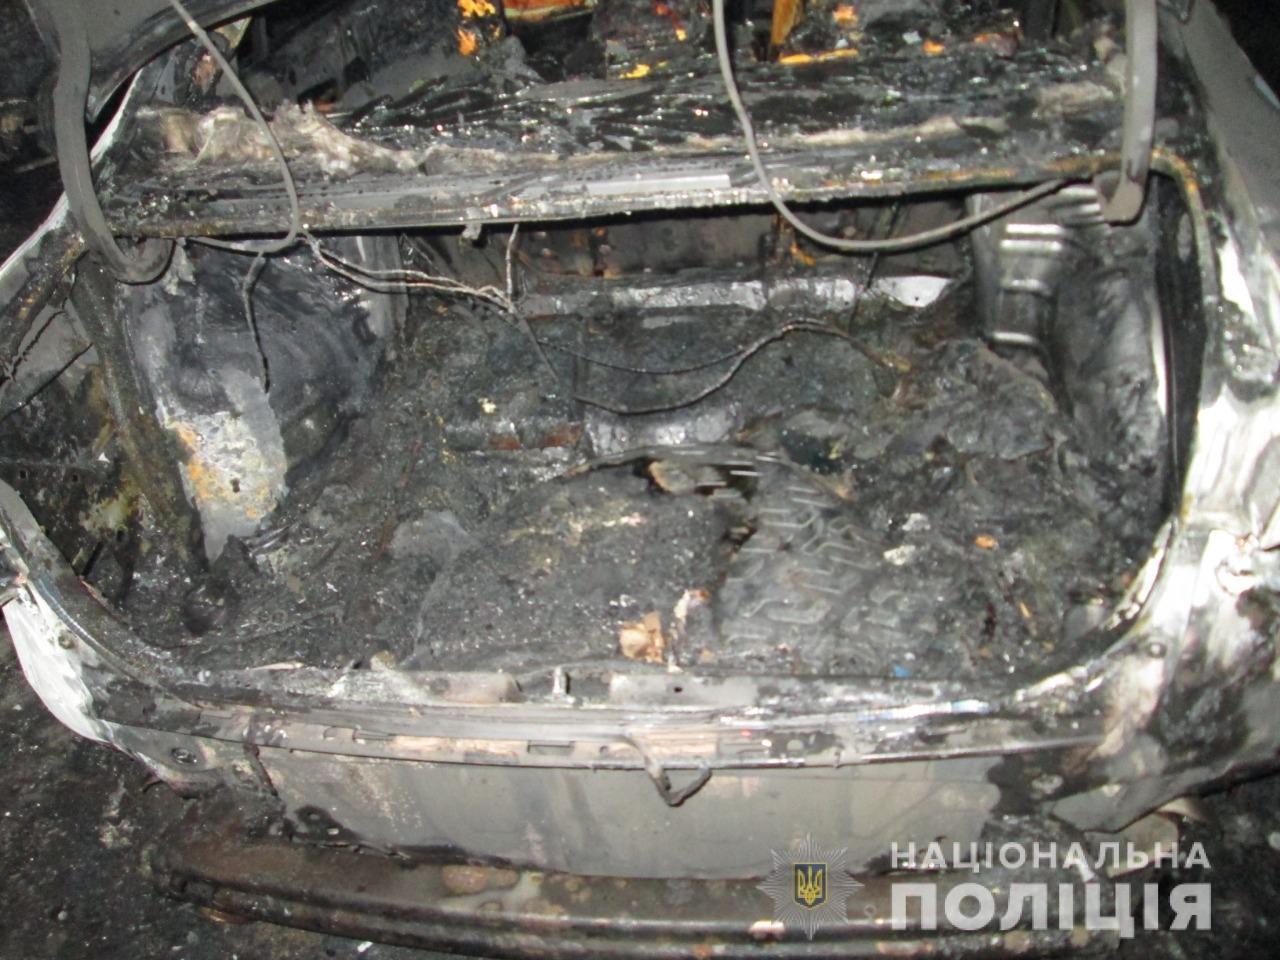 В Харькове во дворе жилого дома подожгли автомобили «ВАЗ» и «Honda», - ФОТО, ВИДЕО, фото-4